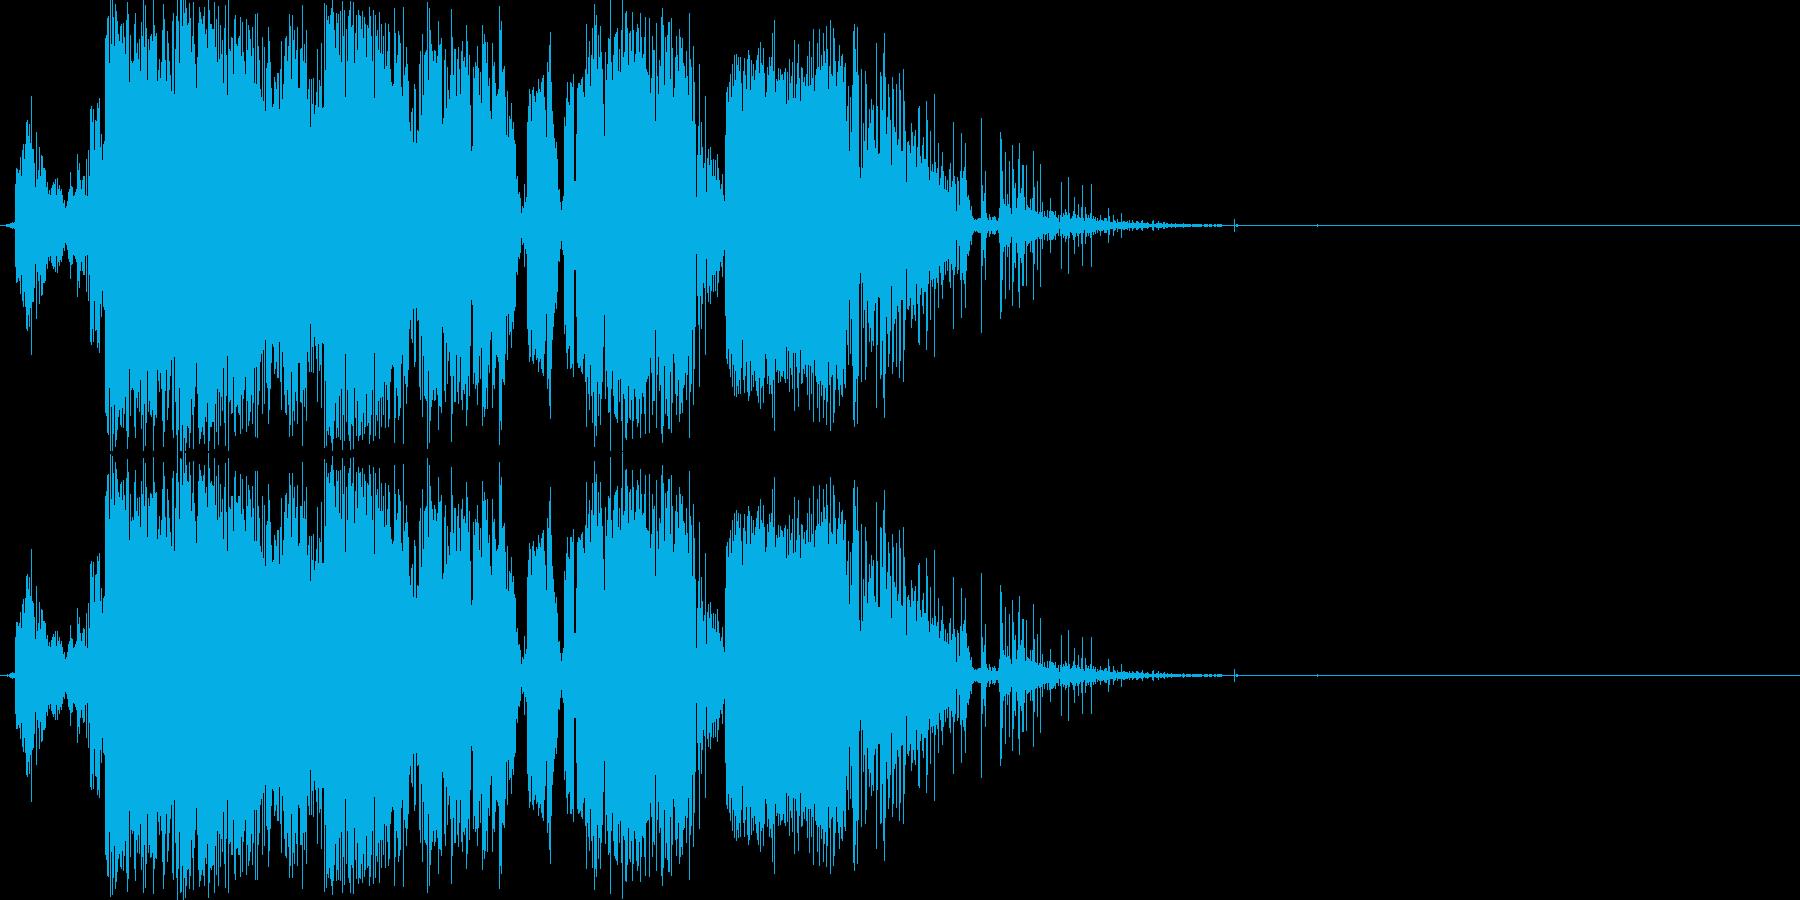 ビリビリ!バリバリ!感電の時の効果音の再生済みの波形